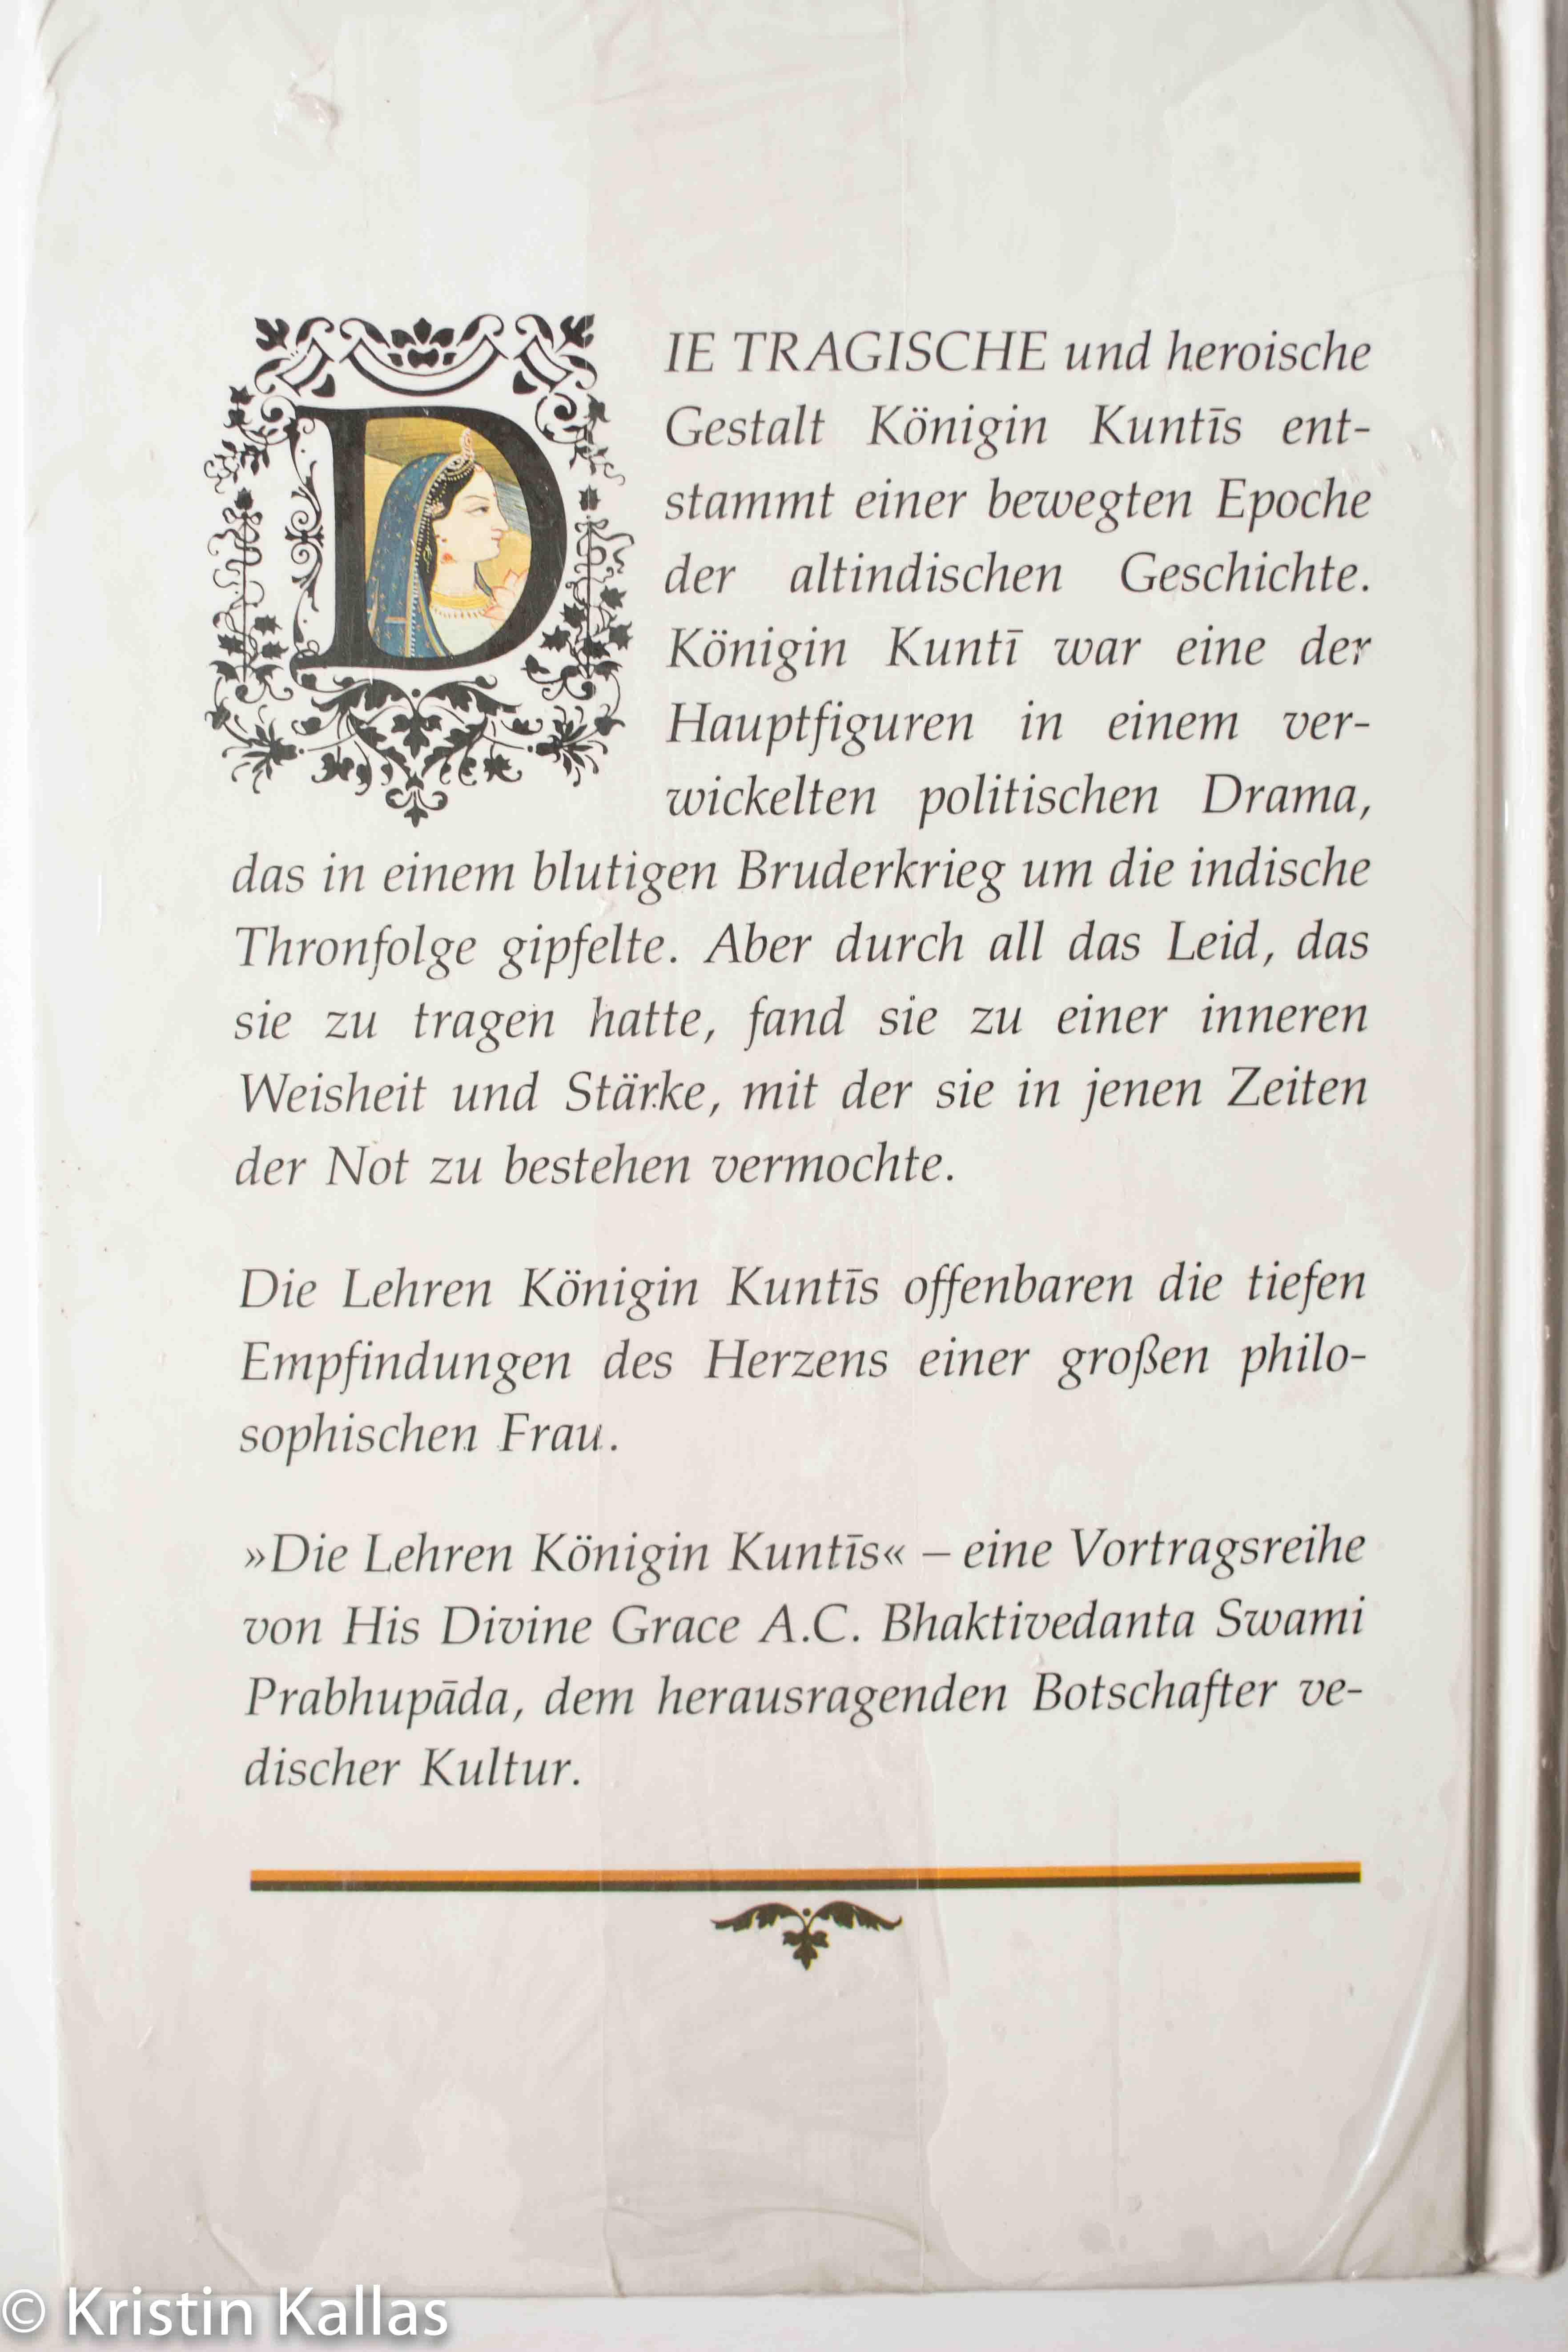 Die Lehren Königin Kuntis